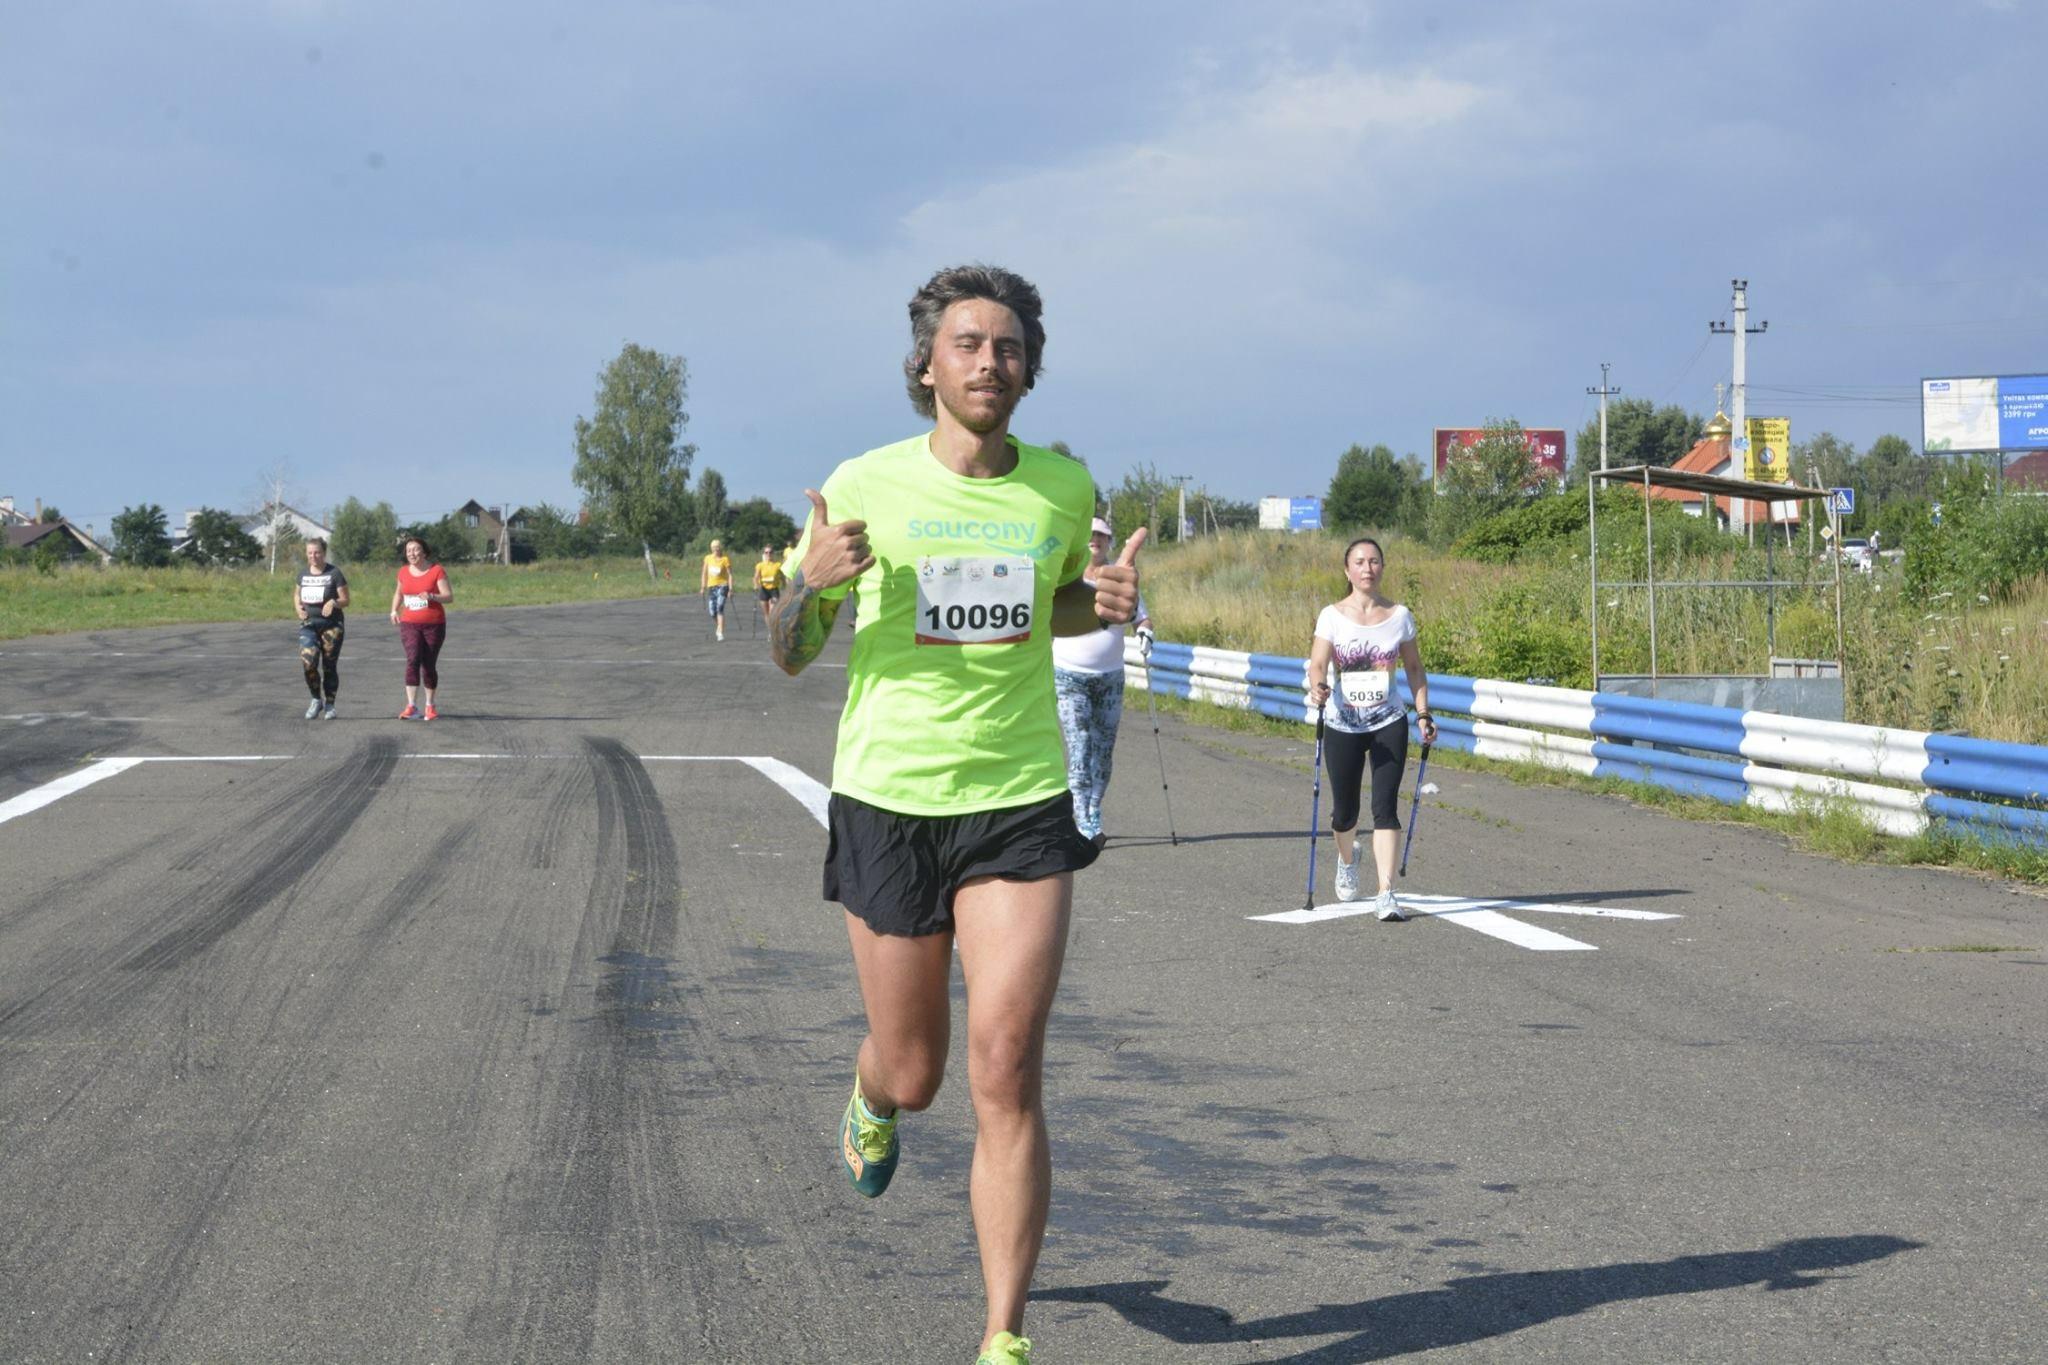 Истории людей, которые побегут свой первый марафон